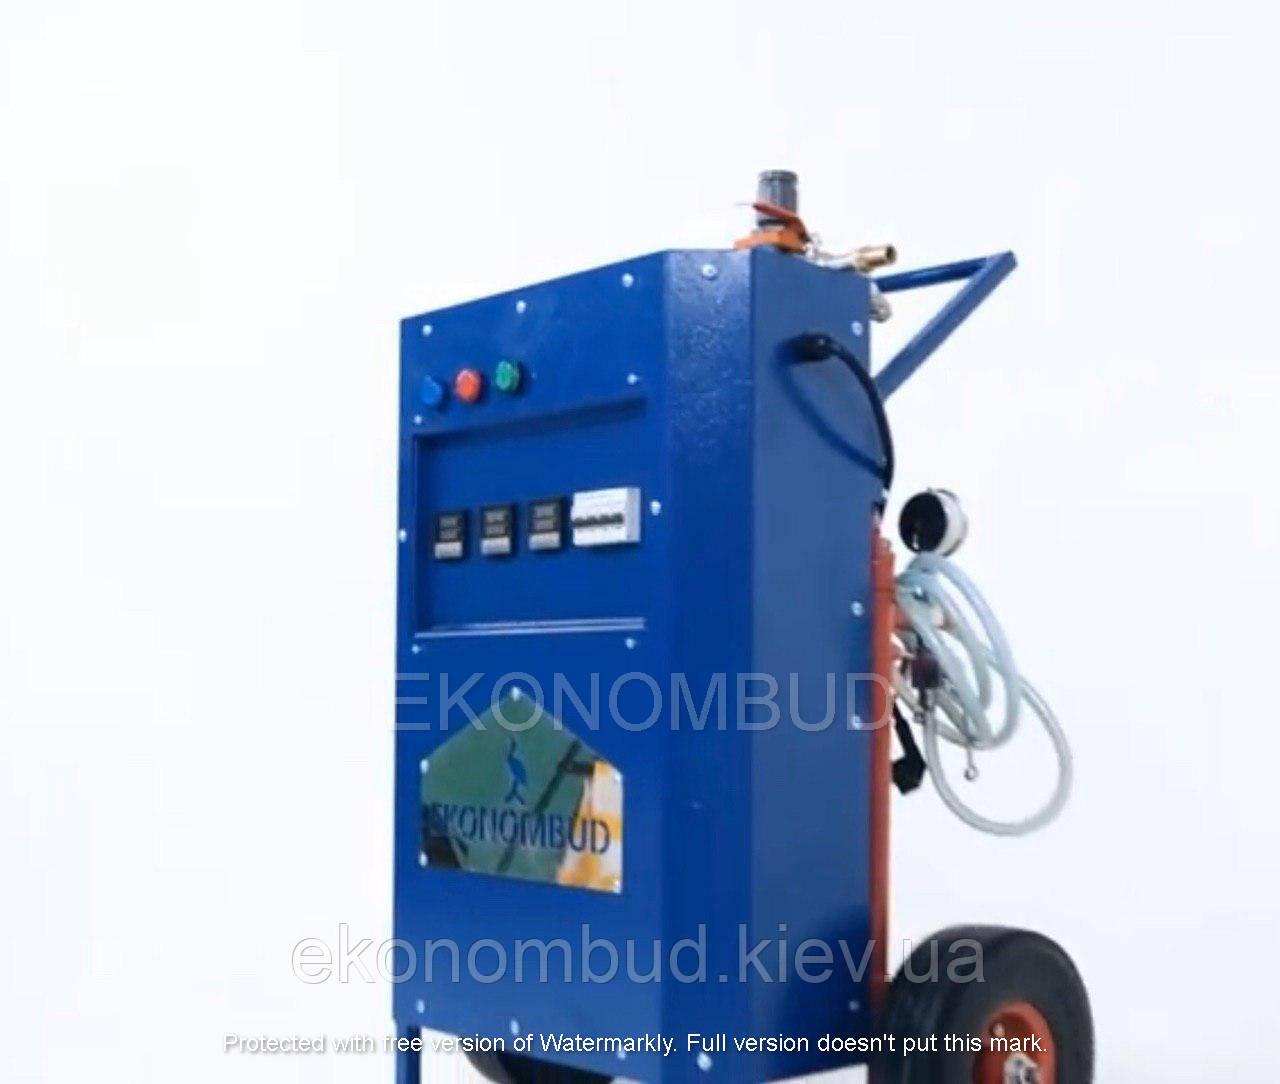 ХИТ2020! Установка для ППУ   Оборудование для напыления/заливки пенополиуретана S5000